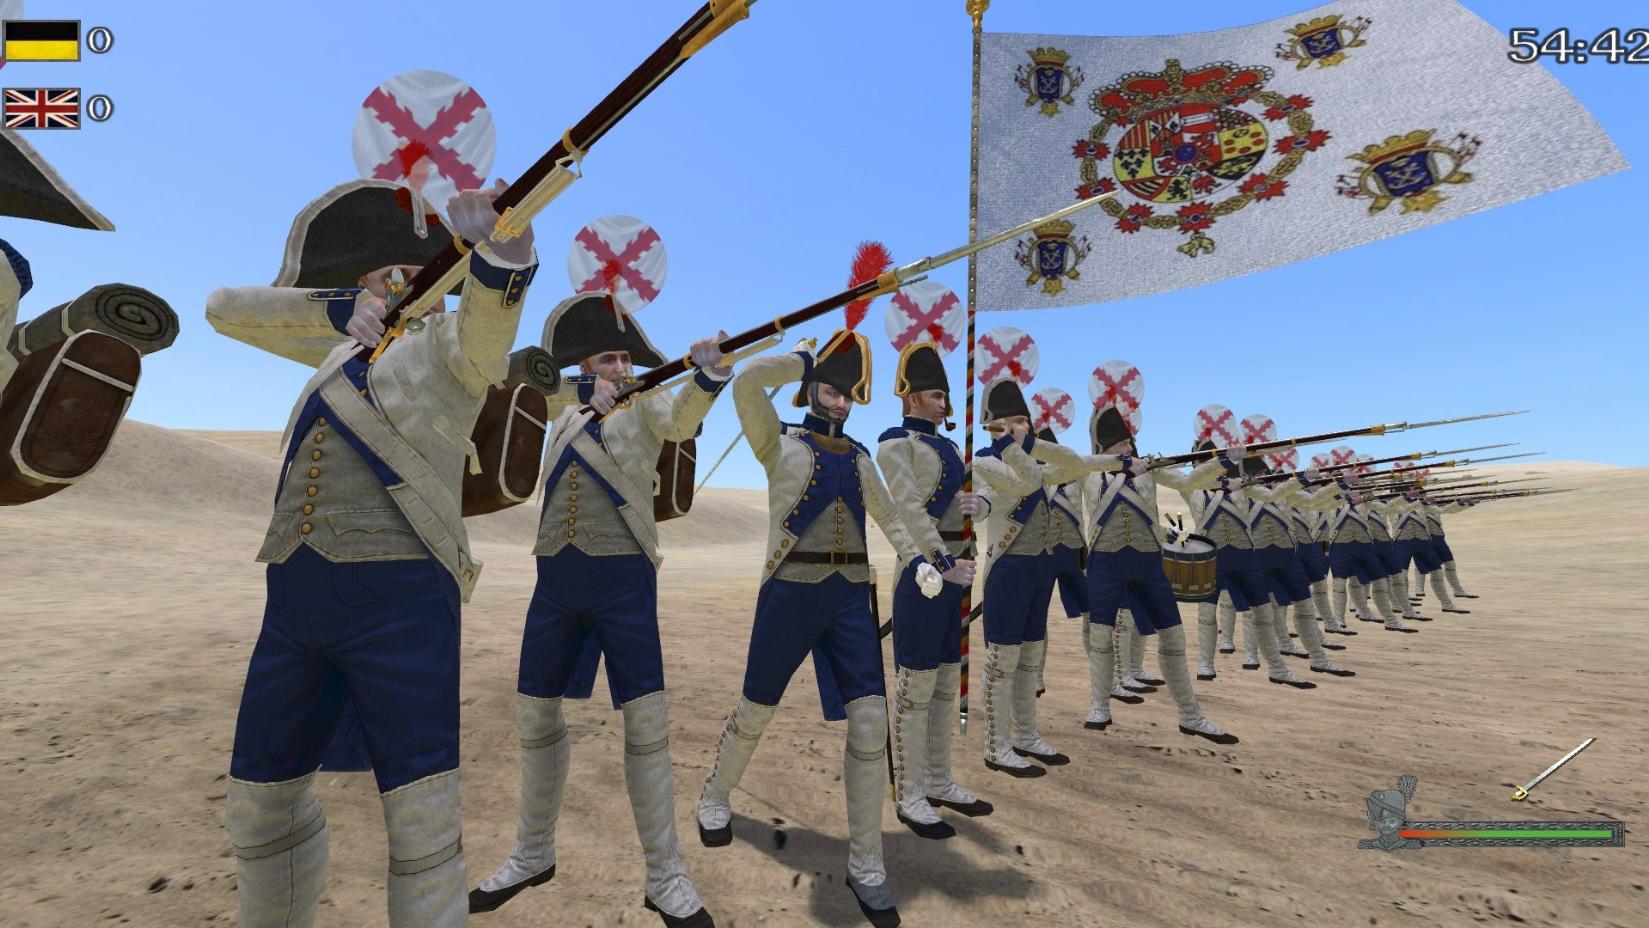 [CI] 5to Regimiento de la Corona   Reclutando Nuevos Miembros ! Bfe8fdad81a778fd9be78d49bad7f8e4